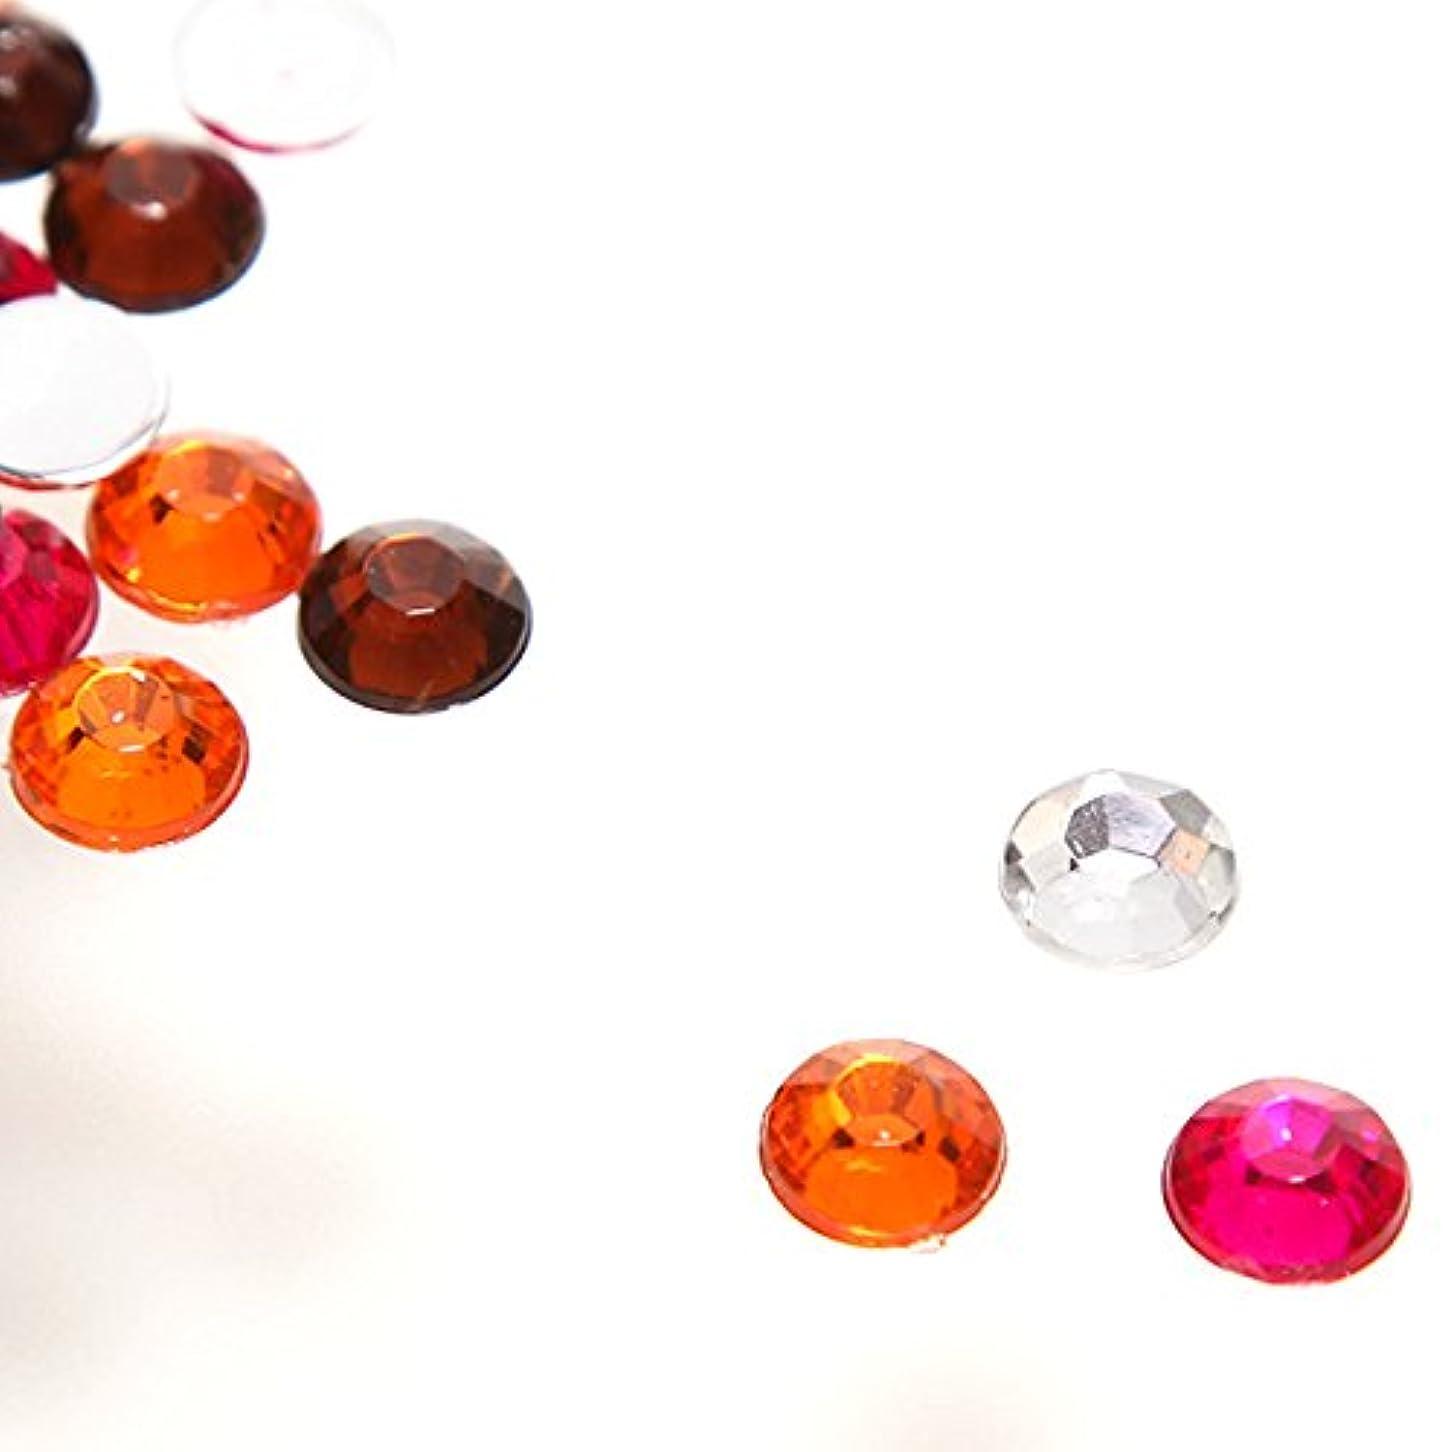 ジュース近代化する百大量 全色ミックス アクリル製 ラインストーン(サイズ選択可能)【ラインストーン77】 (8mm(60粒))